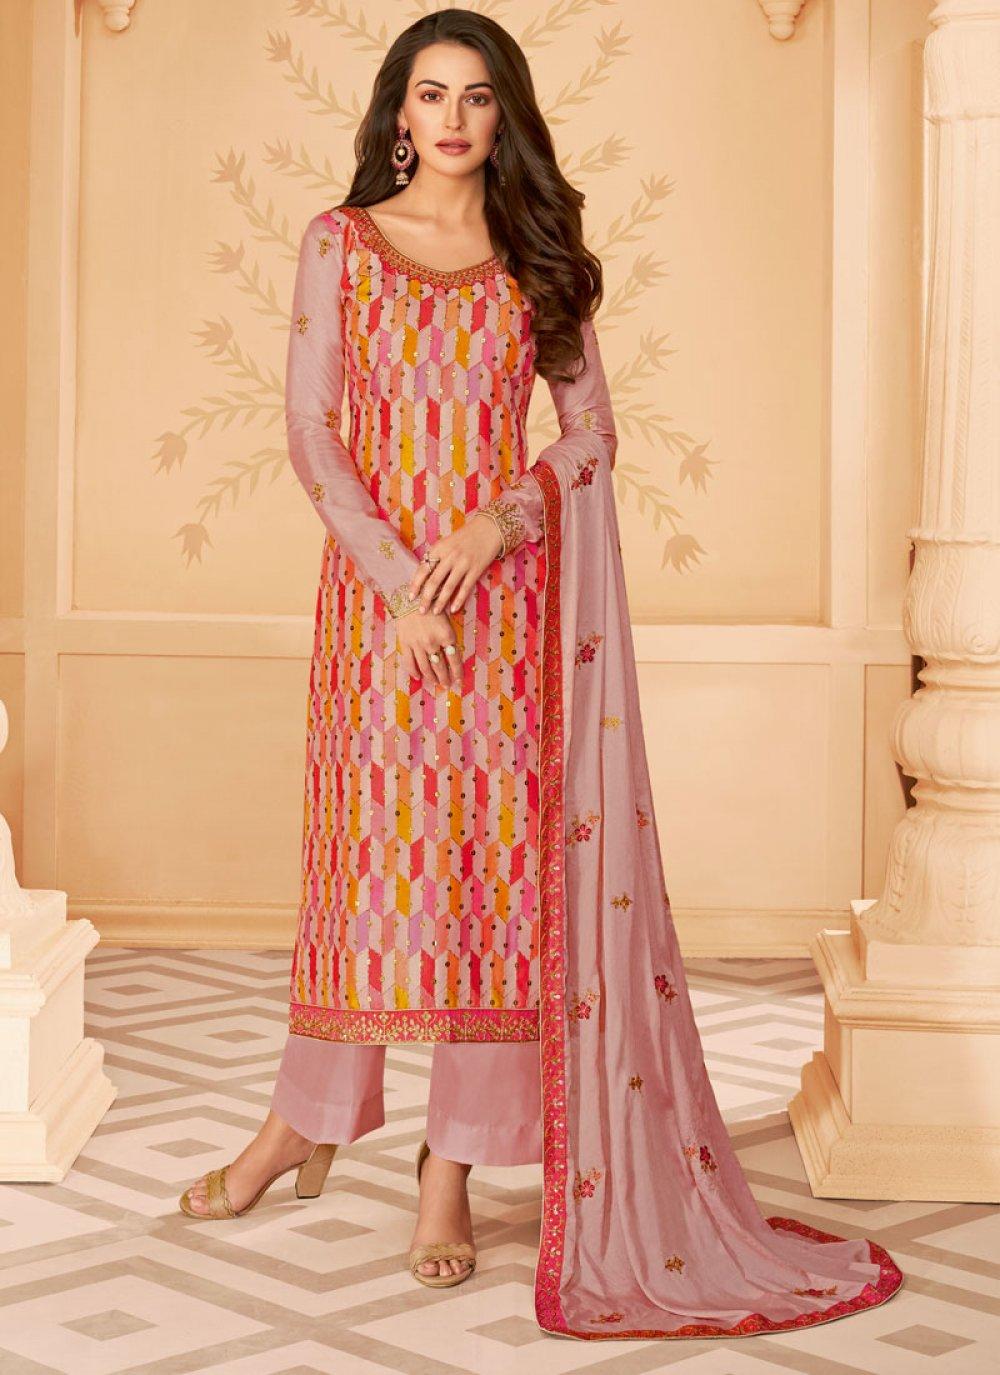 Tussar Silk Designer Salwar Suit in Multi Colour